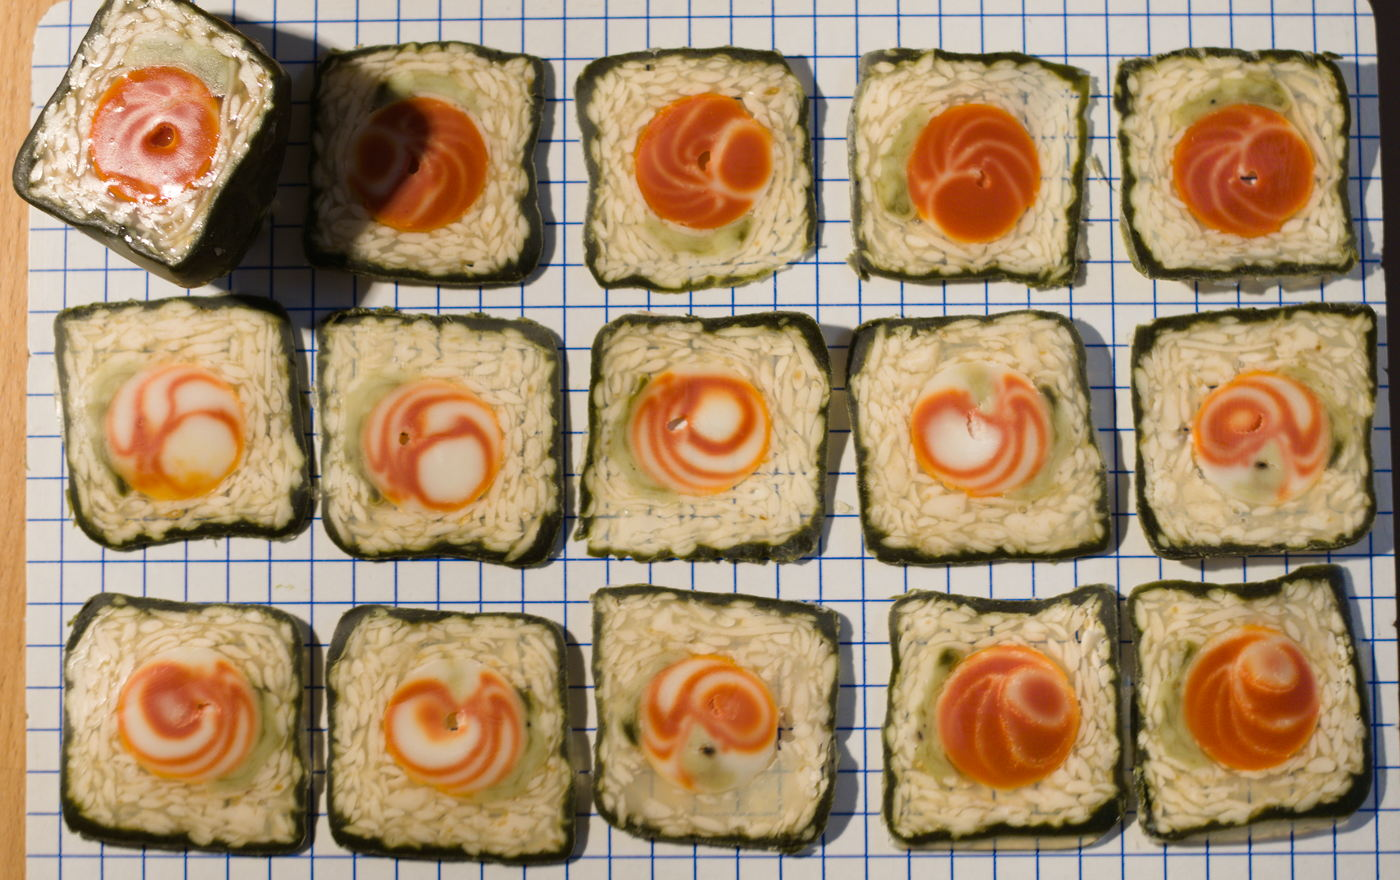 planed_sushi.jpg